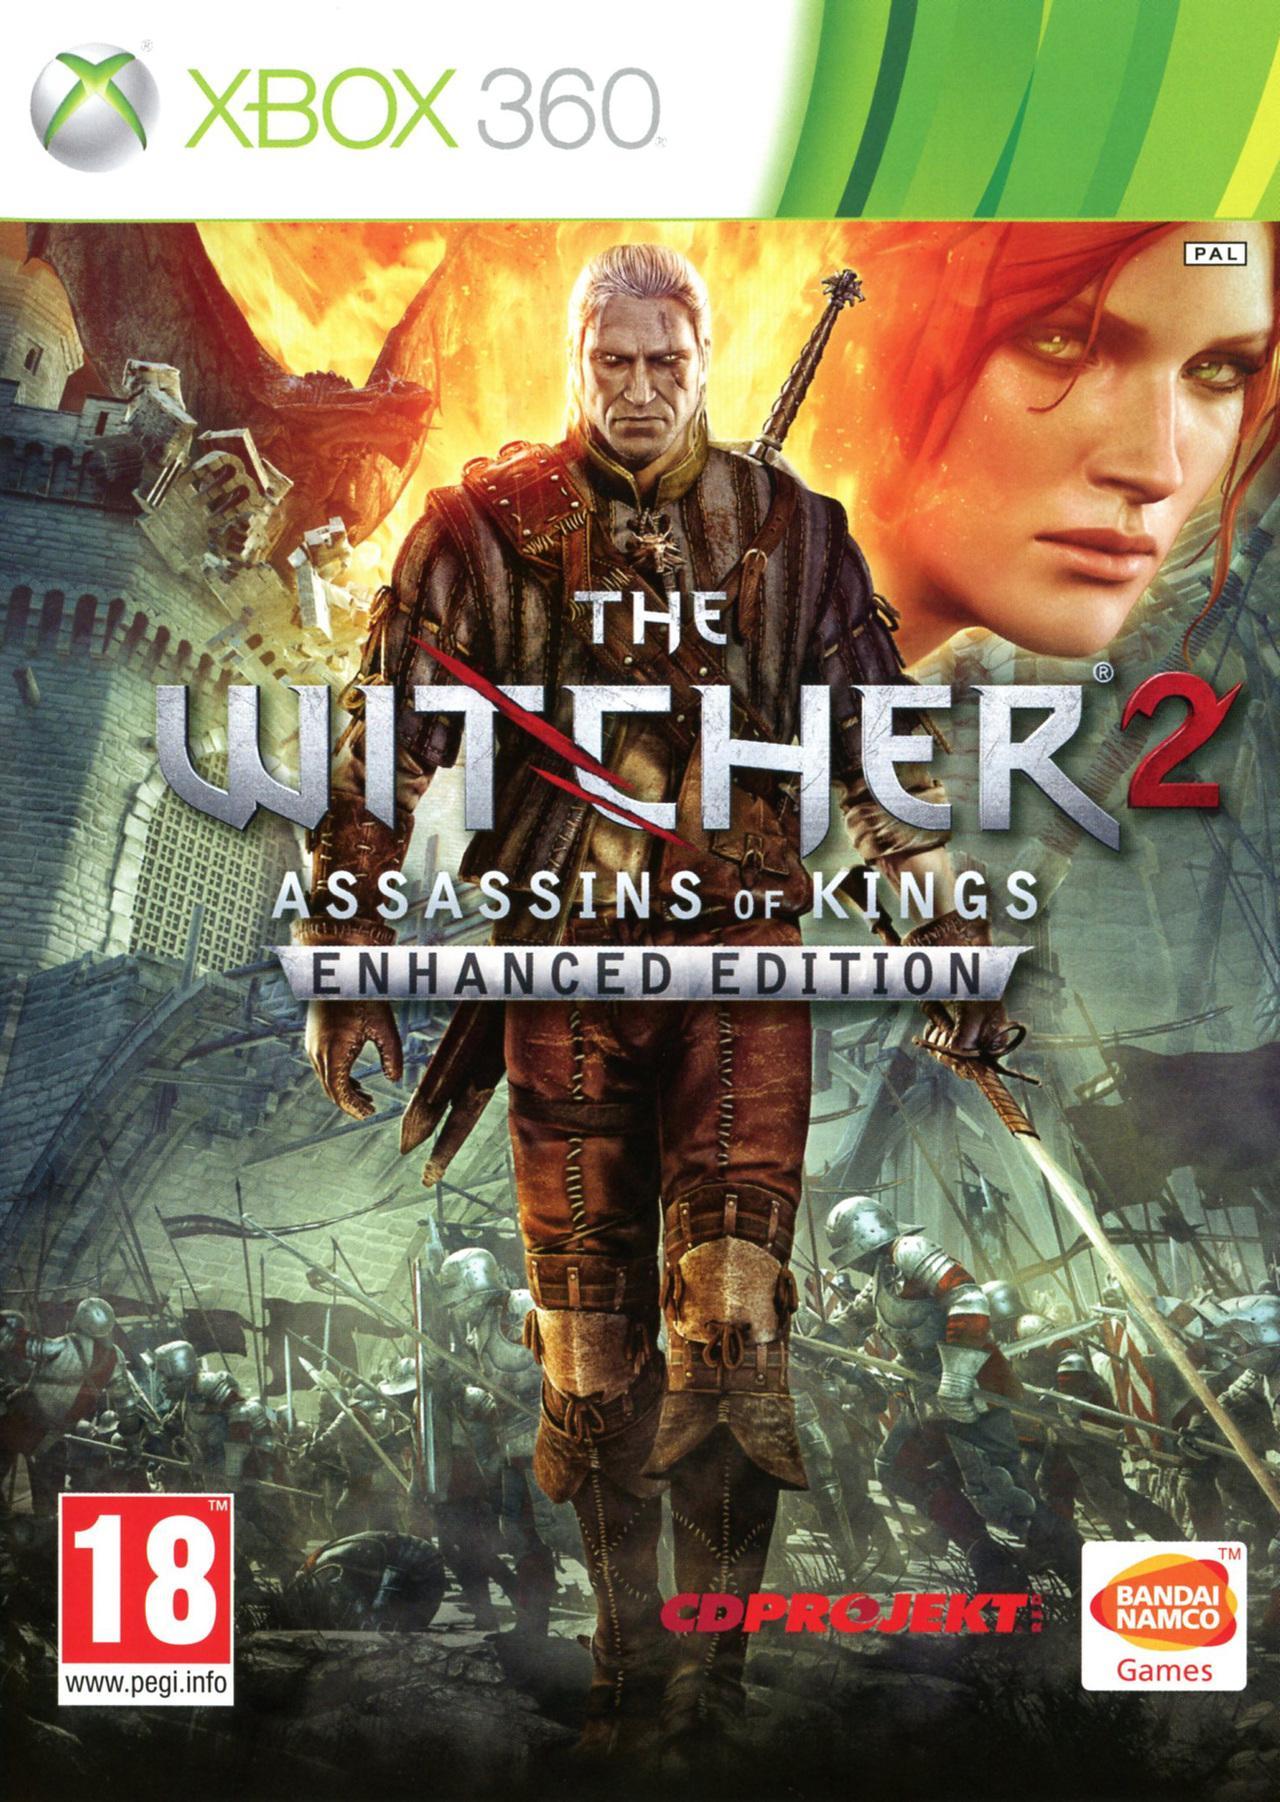 The Witcher 2 (dématérialisé) Gratuit sur Xbox